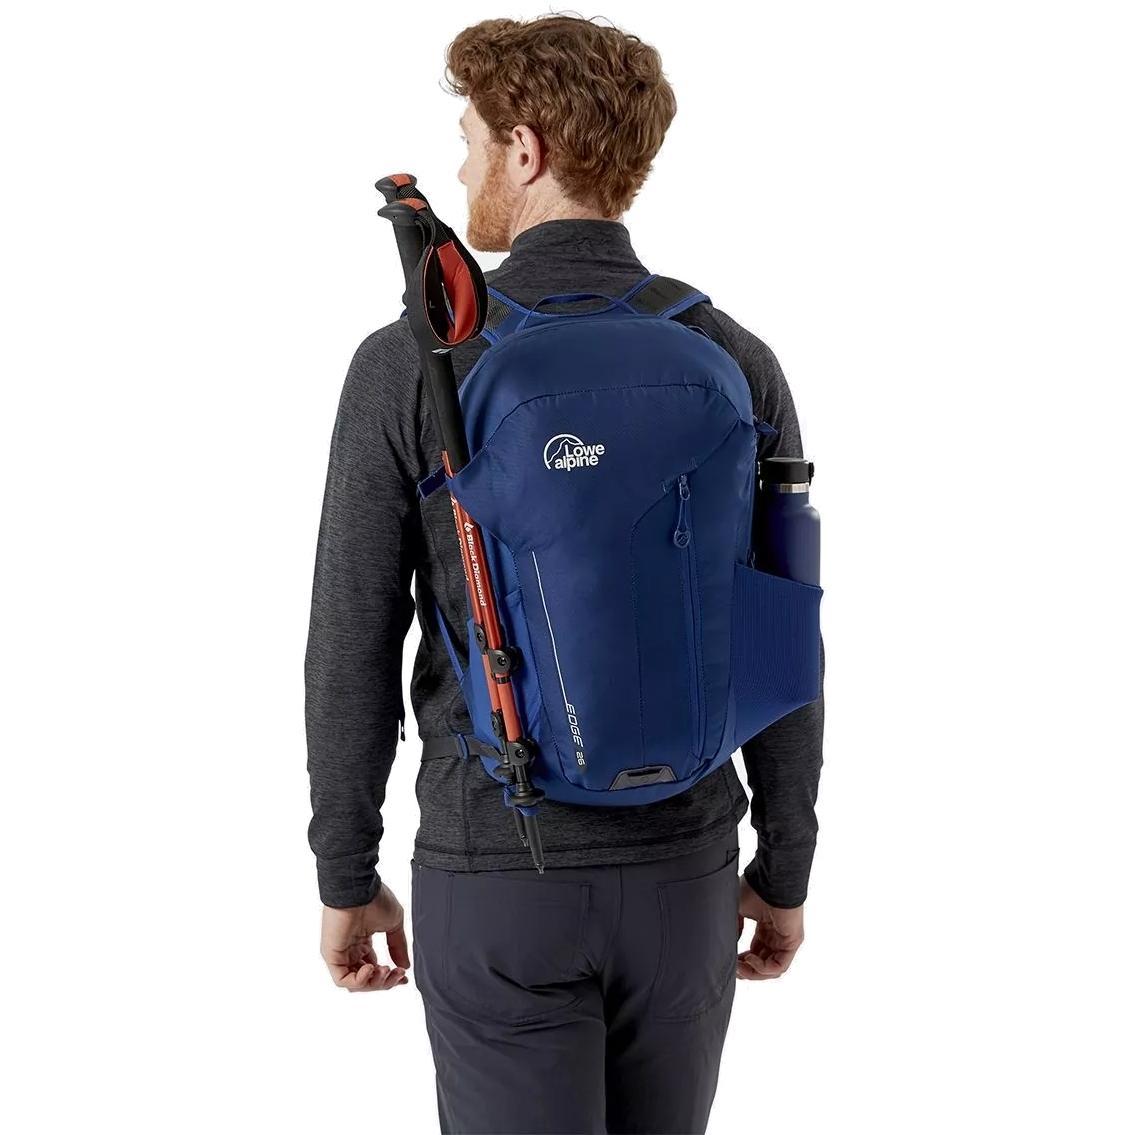 Image of Lowe Alpine Edge 26 Backpack - Ebony